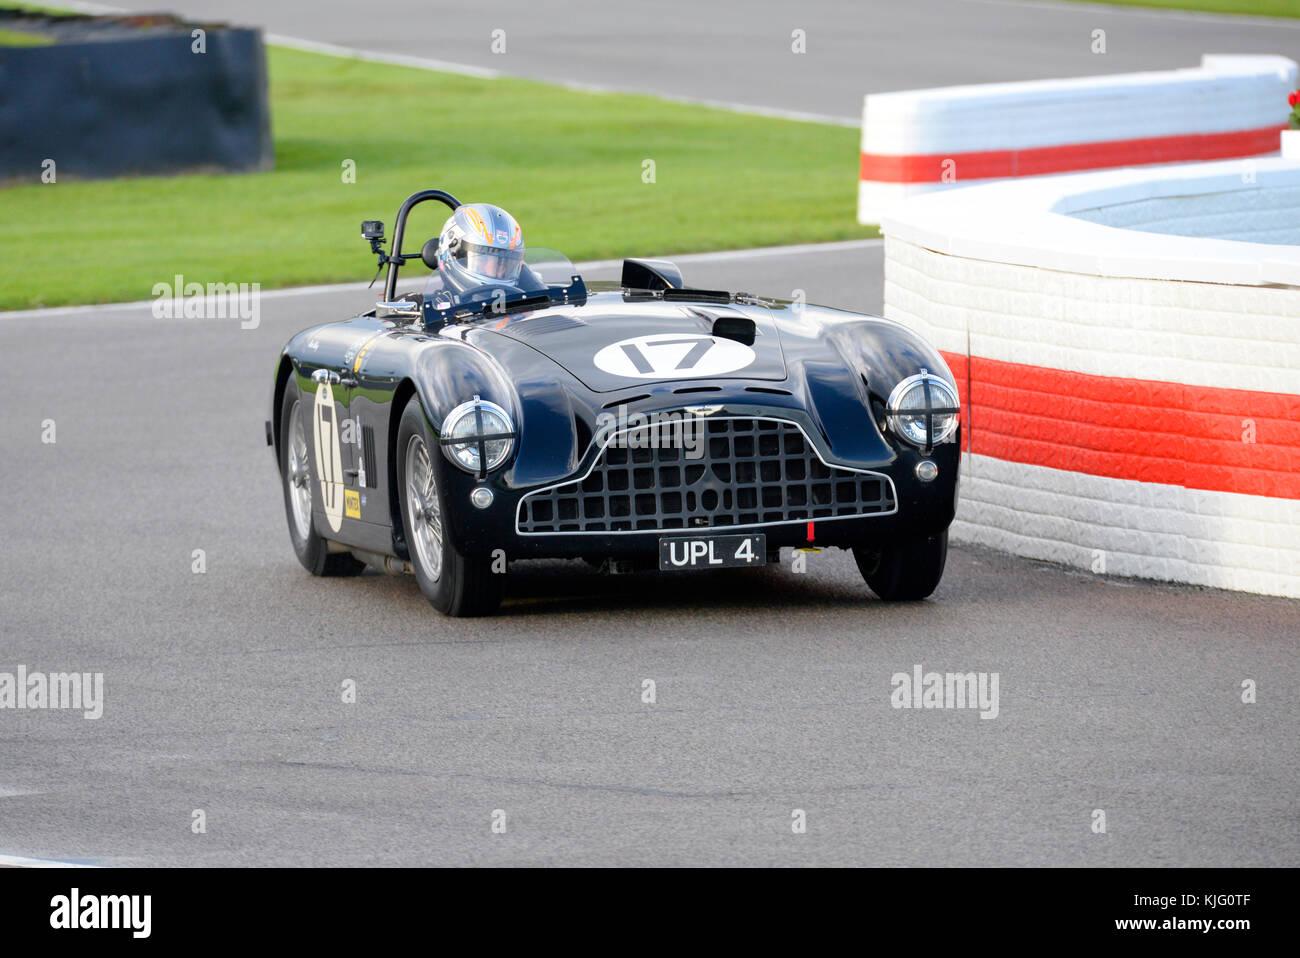 1952 Aston Martin DB 3 von Martin Melling von Rob Hall racing in Goodwood Revival 2017 angetrieben. Platz für Stockbild